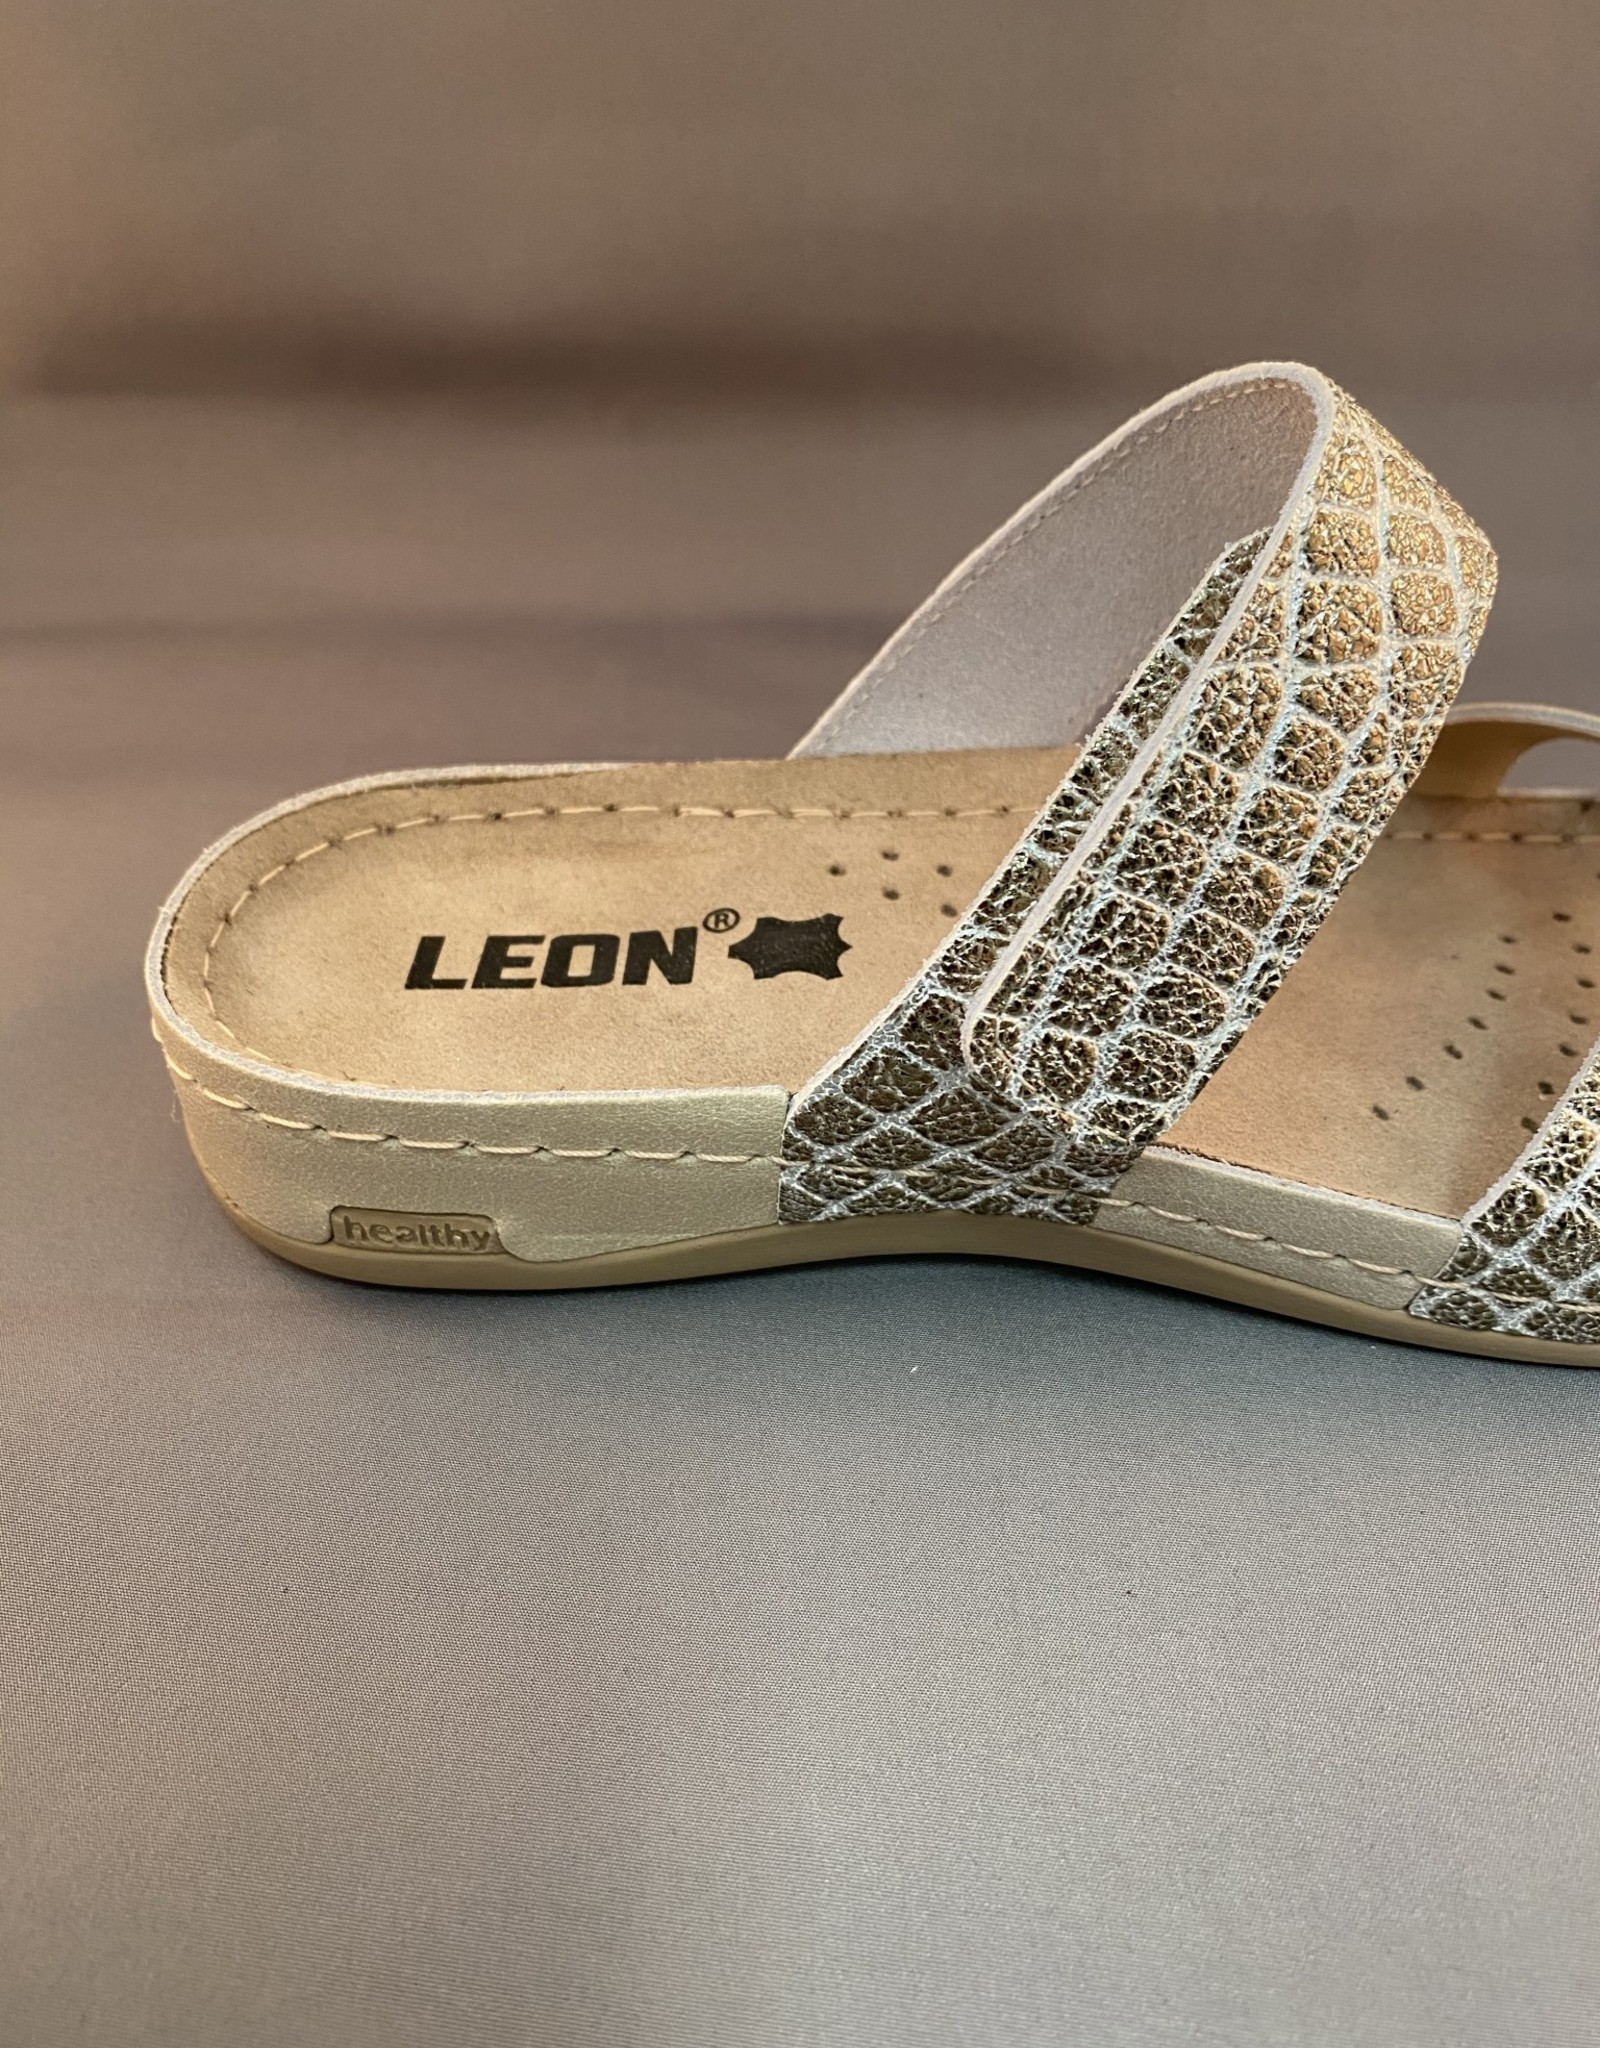 ANATOMIC Leon  957